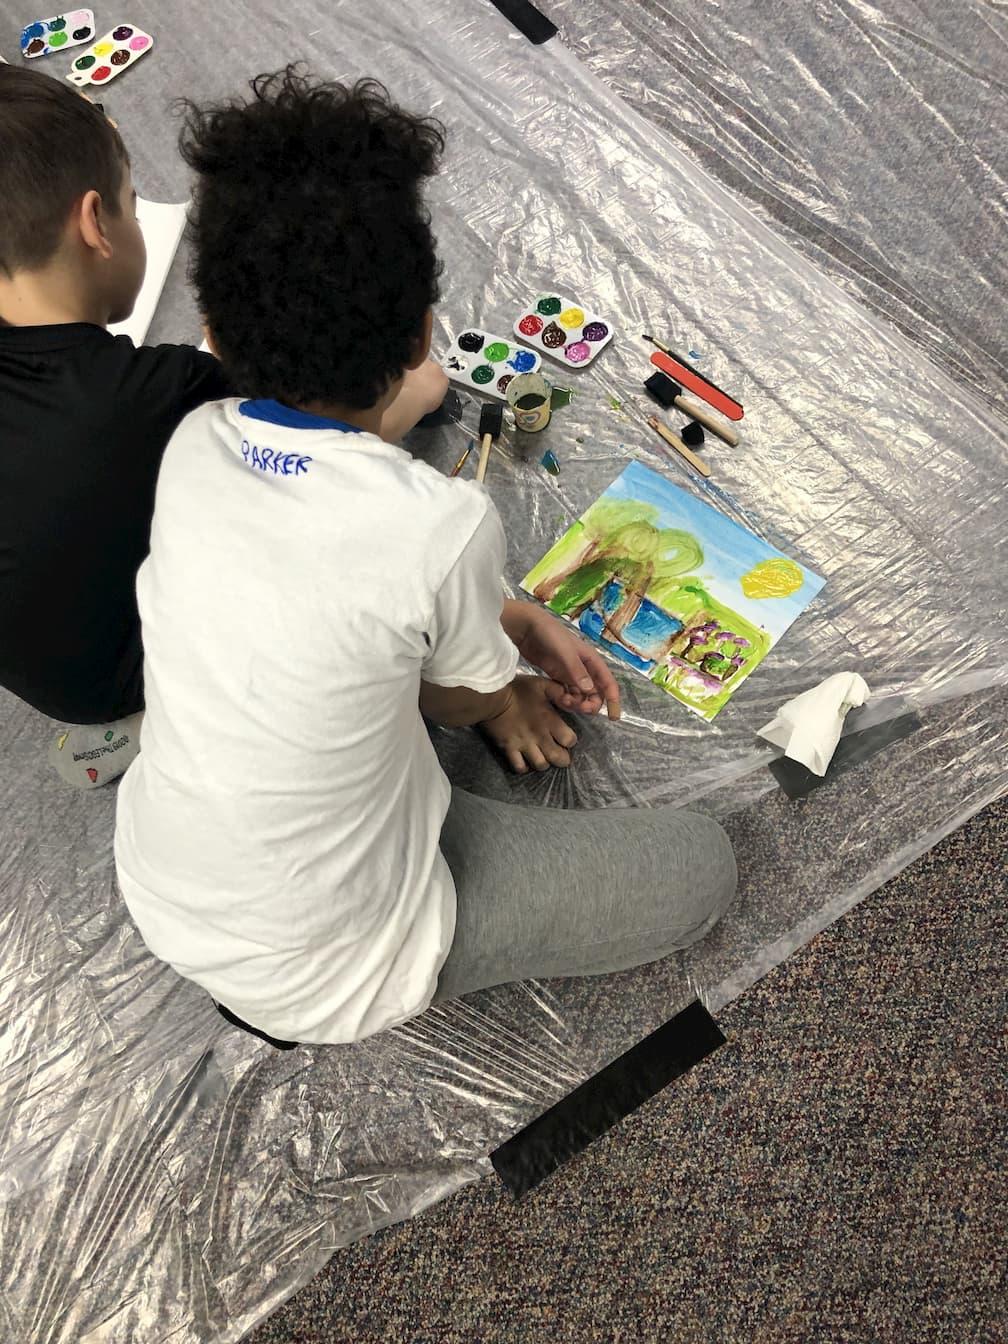 Homeschoolers working together